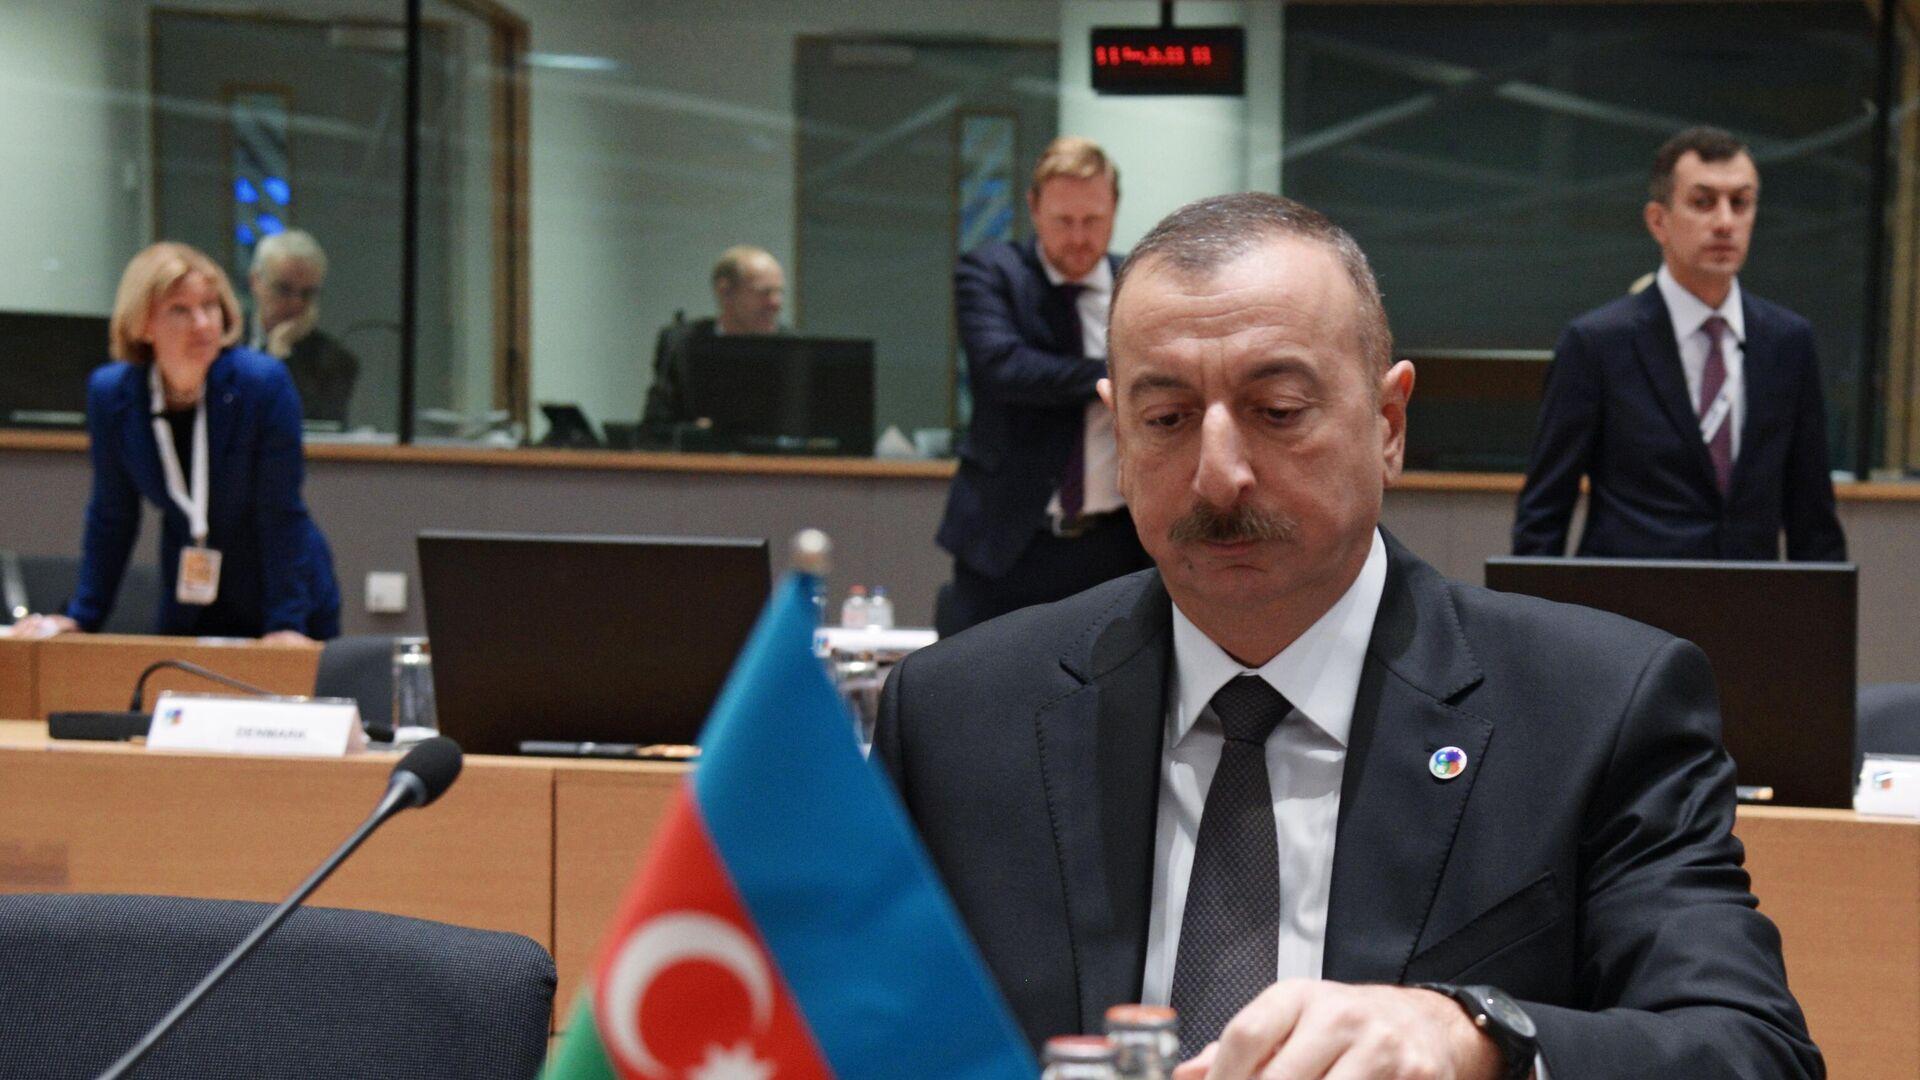 Президент Азербайджана Ильхам Алиев на 5-м Саммите Восточного партнерства в Брюсселе - РИА Новости, 1920, 11.10.2020